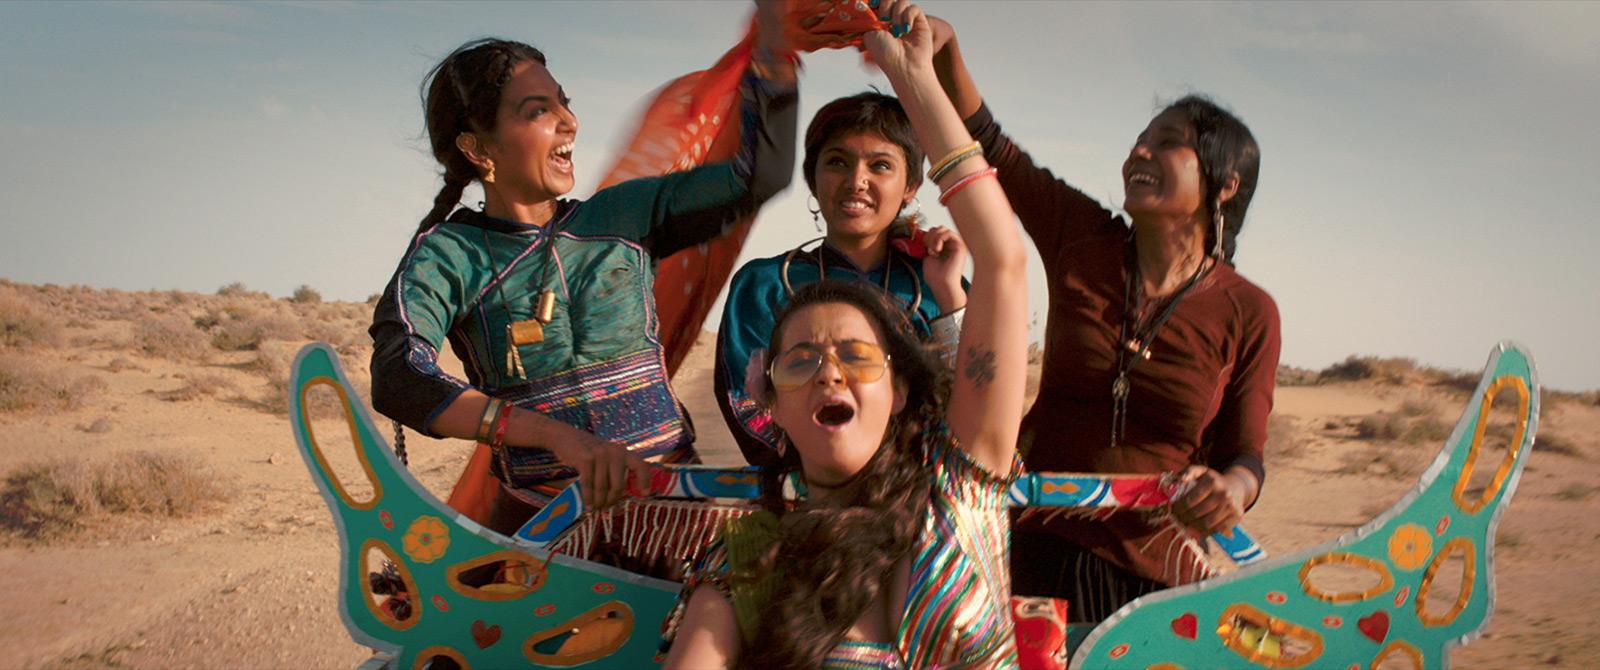 la-coutch-blog-la-saison-des-femmes-Bollywood-peut-aller-se-rhabiller7